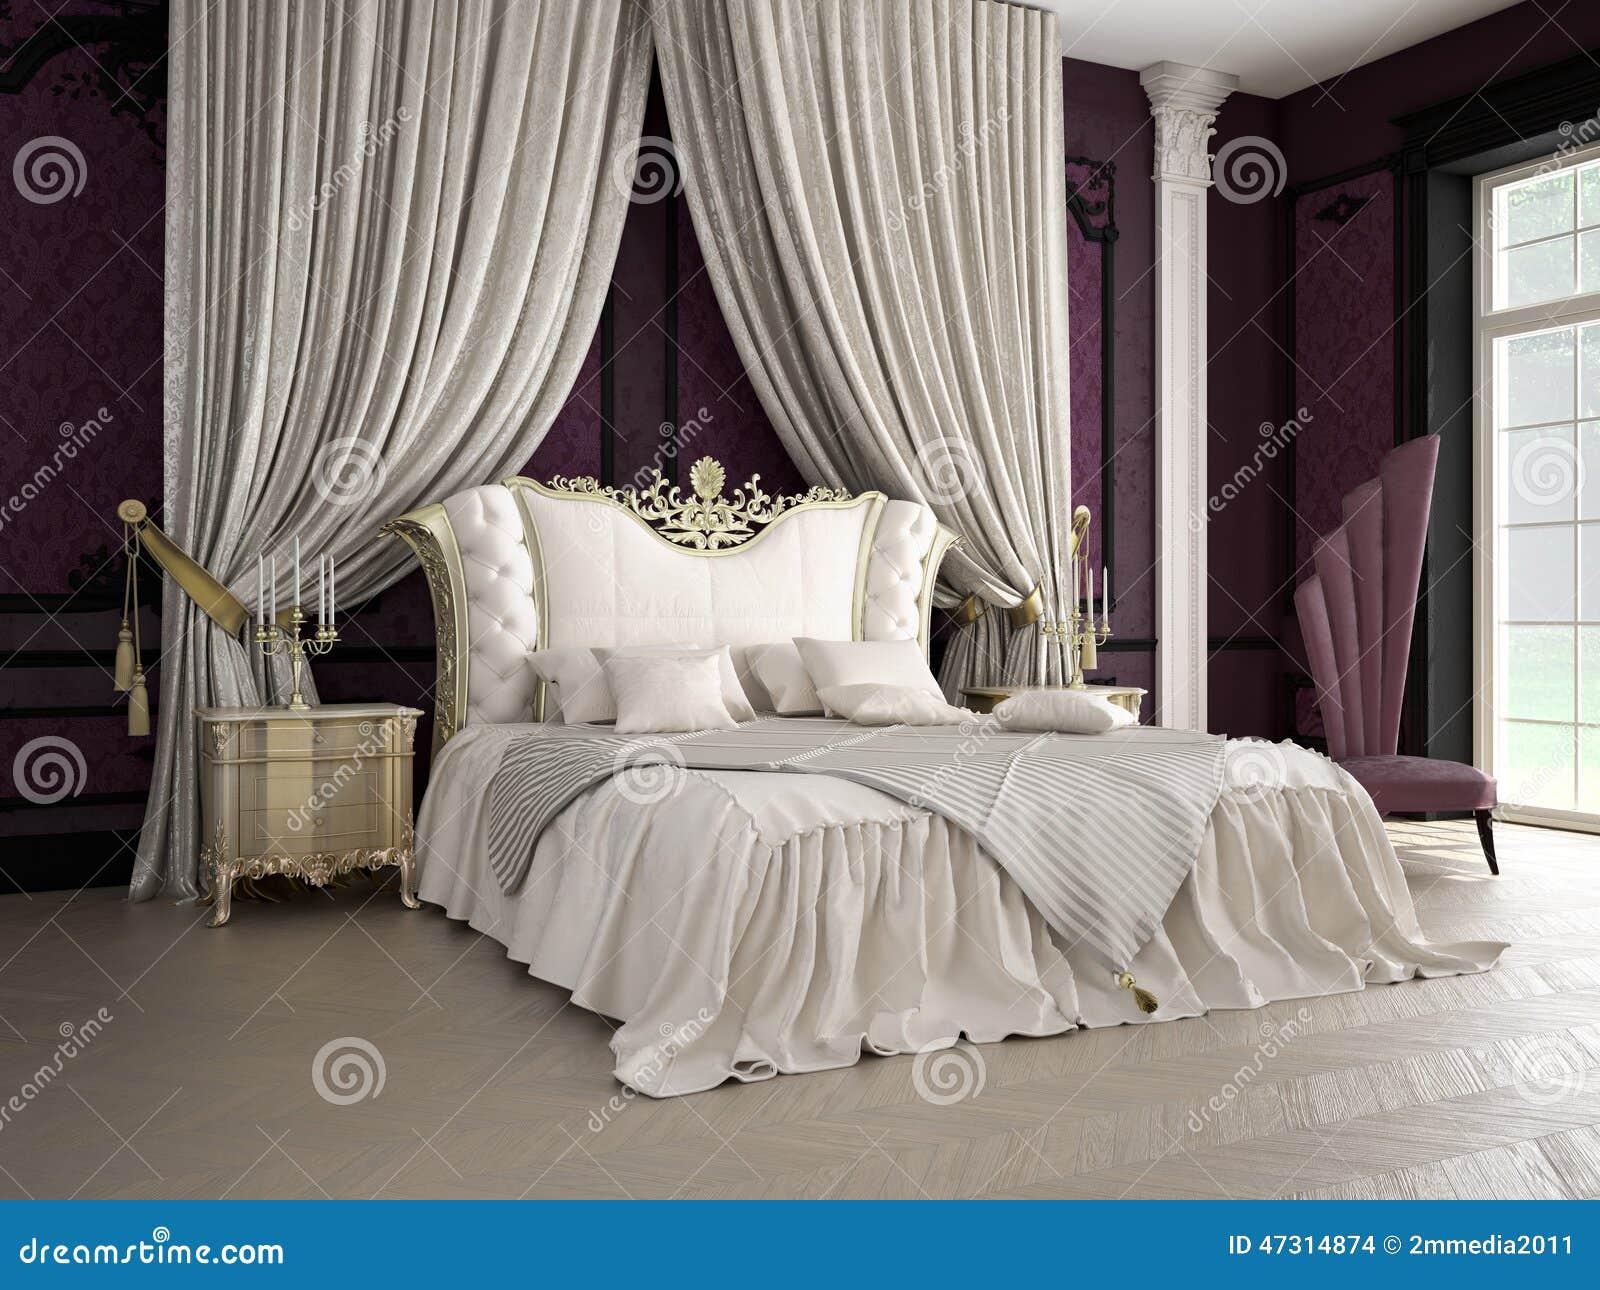 Image Result For Fancy Bedroom Furniture